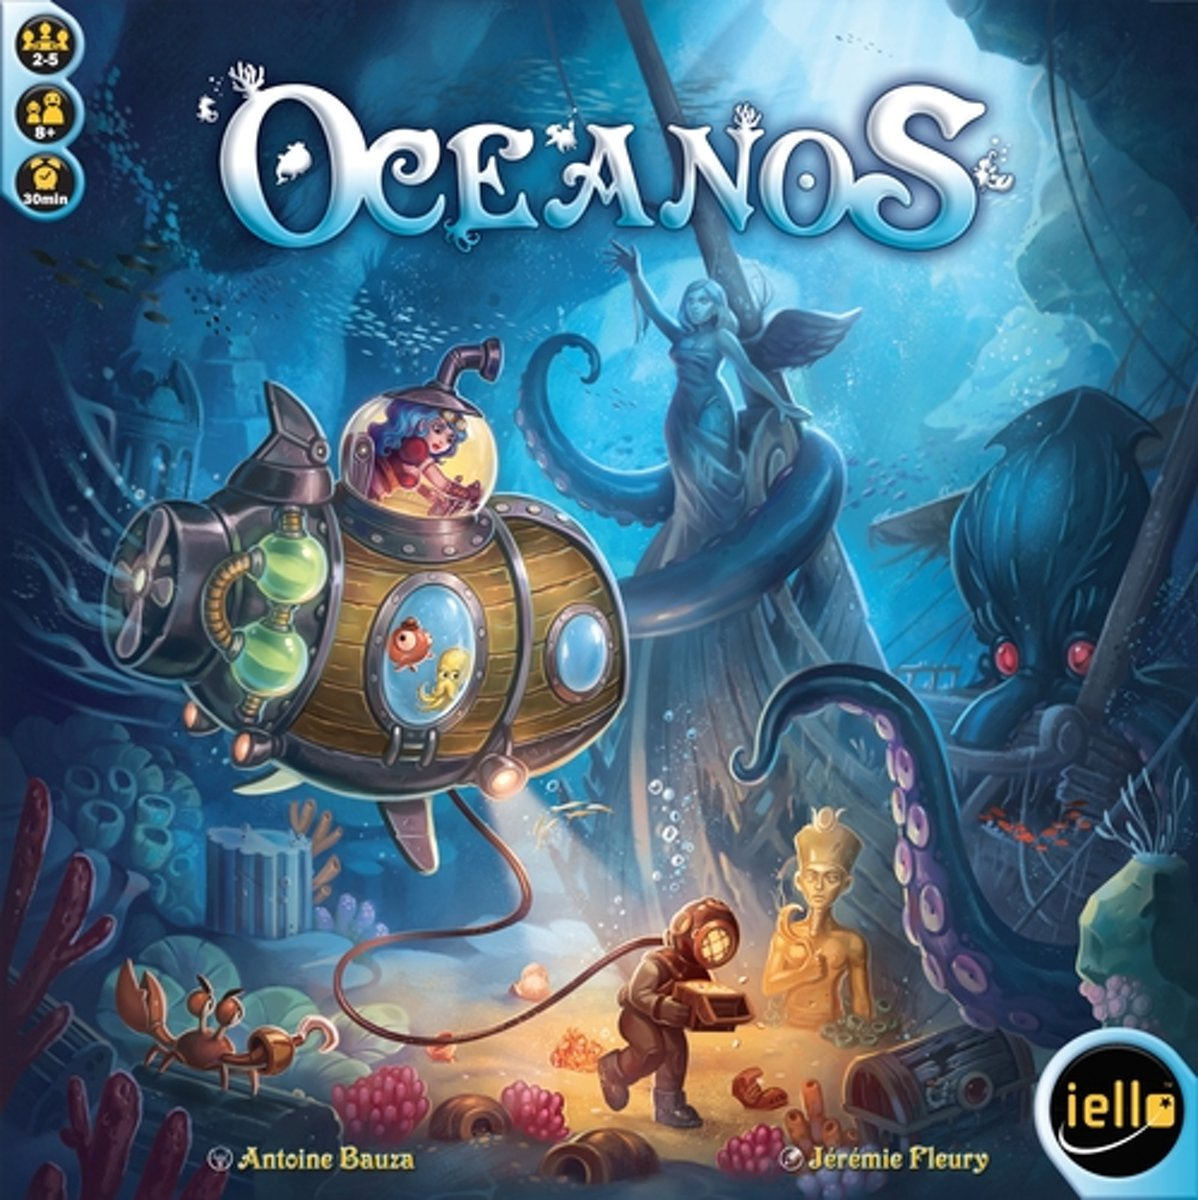 Oceanos Bordspel - Engelstalig